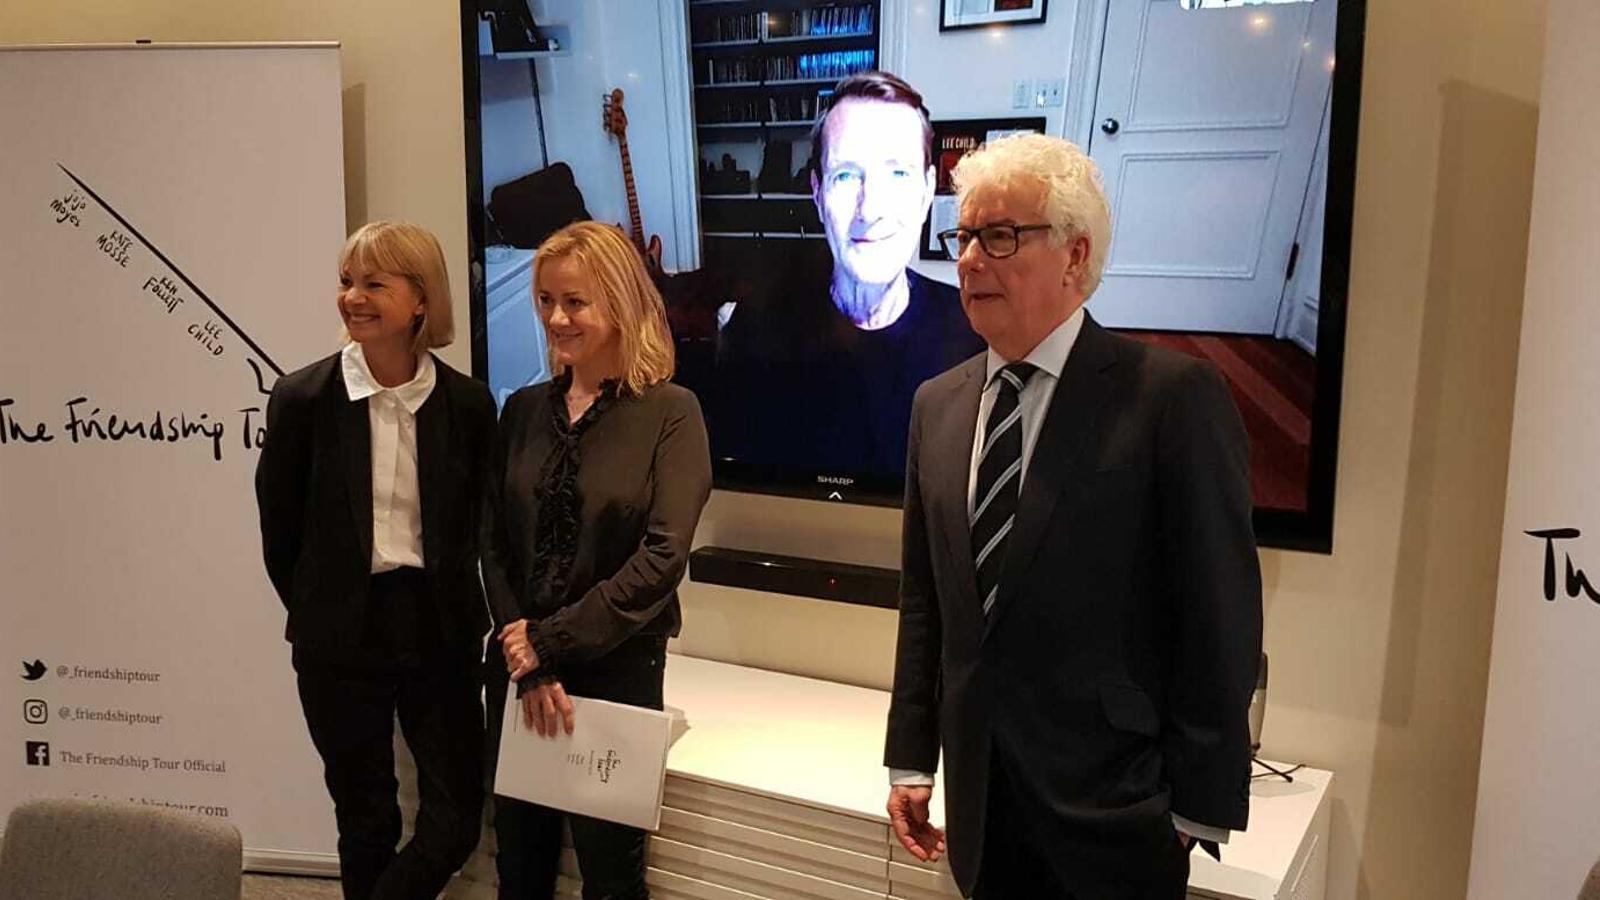 D'esquerra a dreta, Kate Mosse, Jojo Moyes, Lee Child, a la pantalla, i Ken Follet / QUIM ARANDA